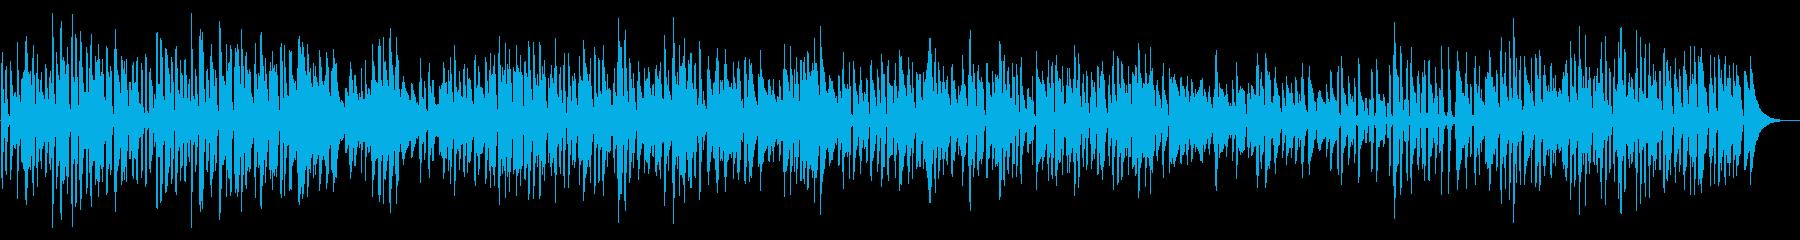 ピアノボサノバYouTube犬猫ペット系の再生済みの波形